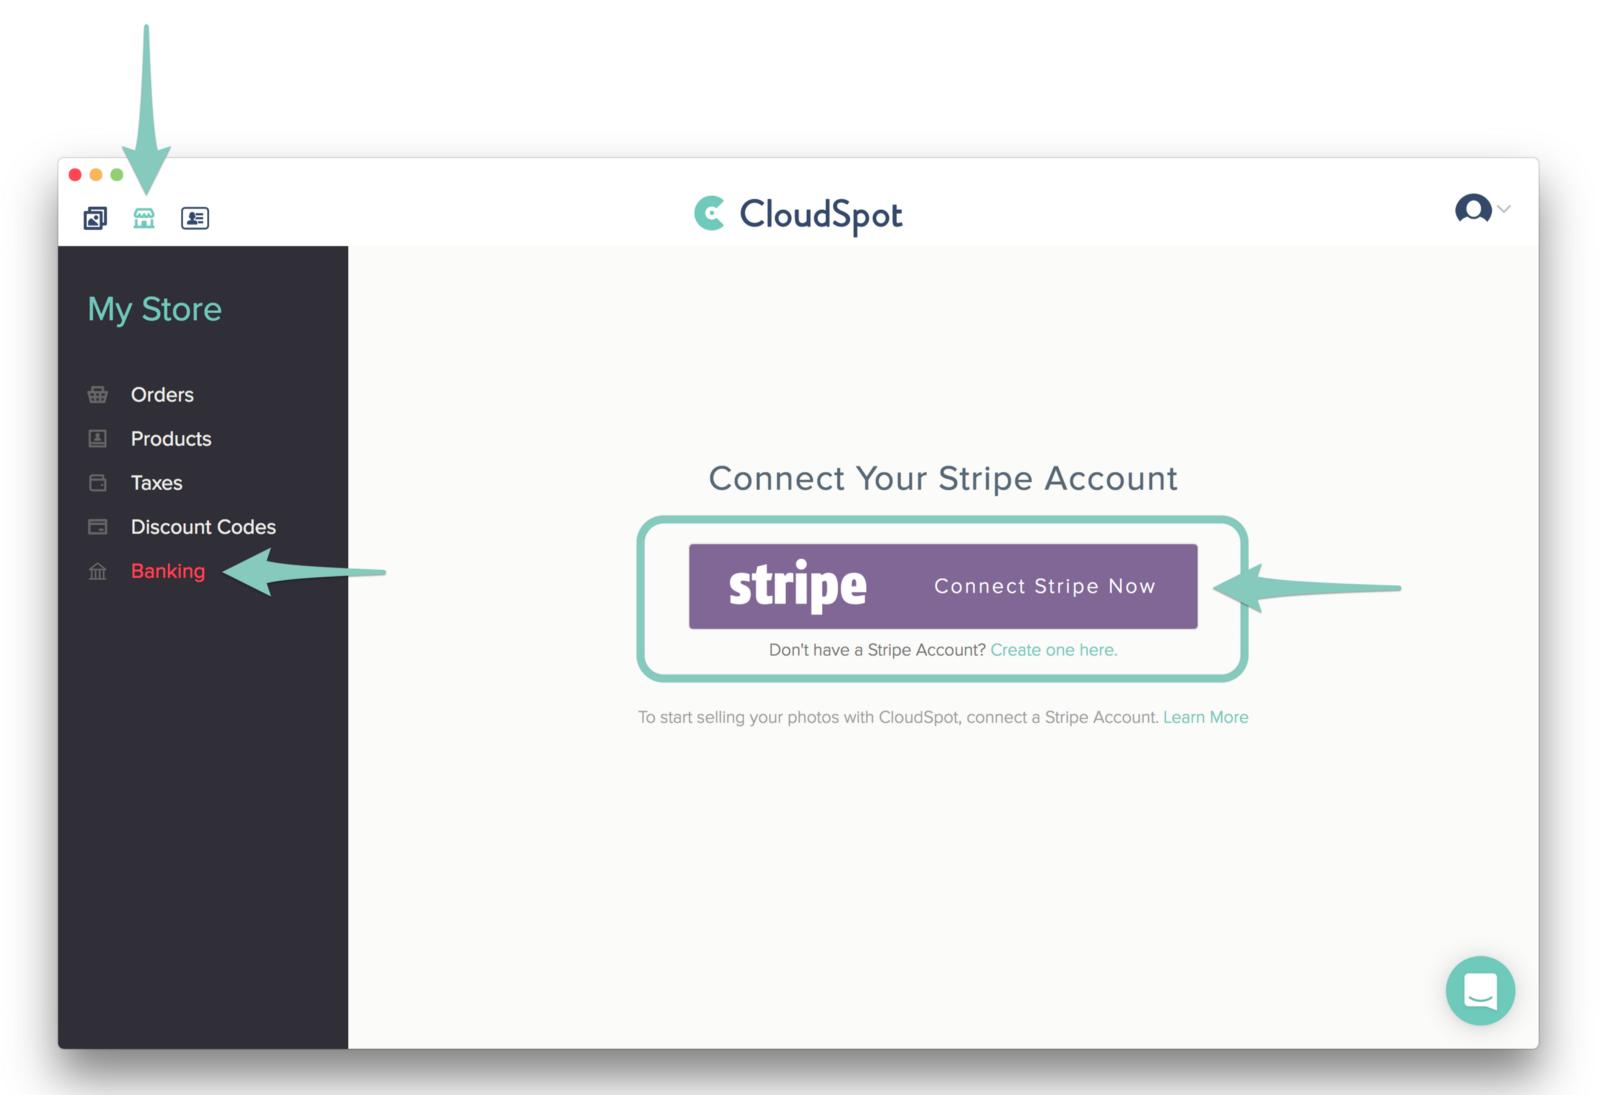 CloudSpot_connect_stripe.png